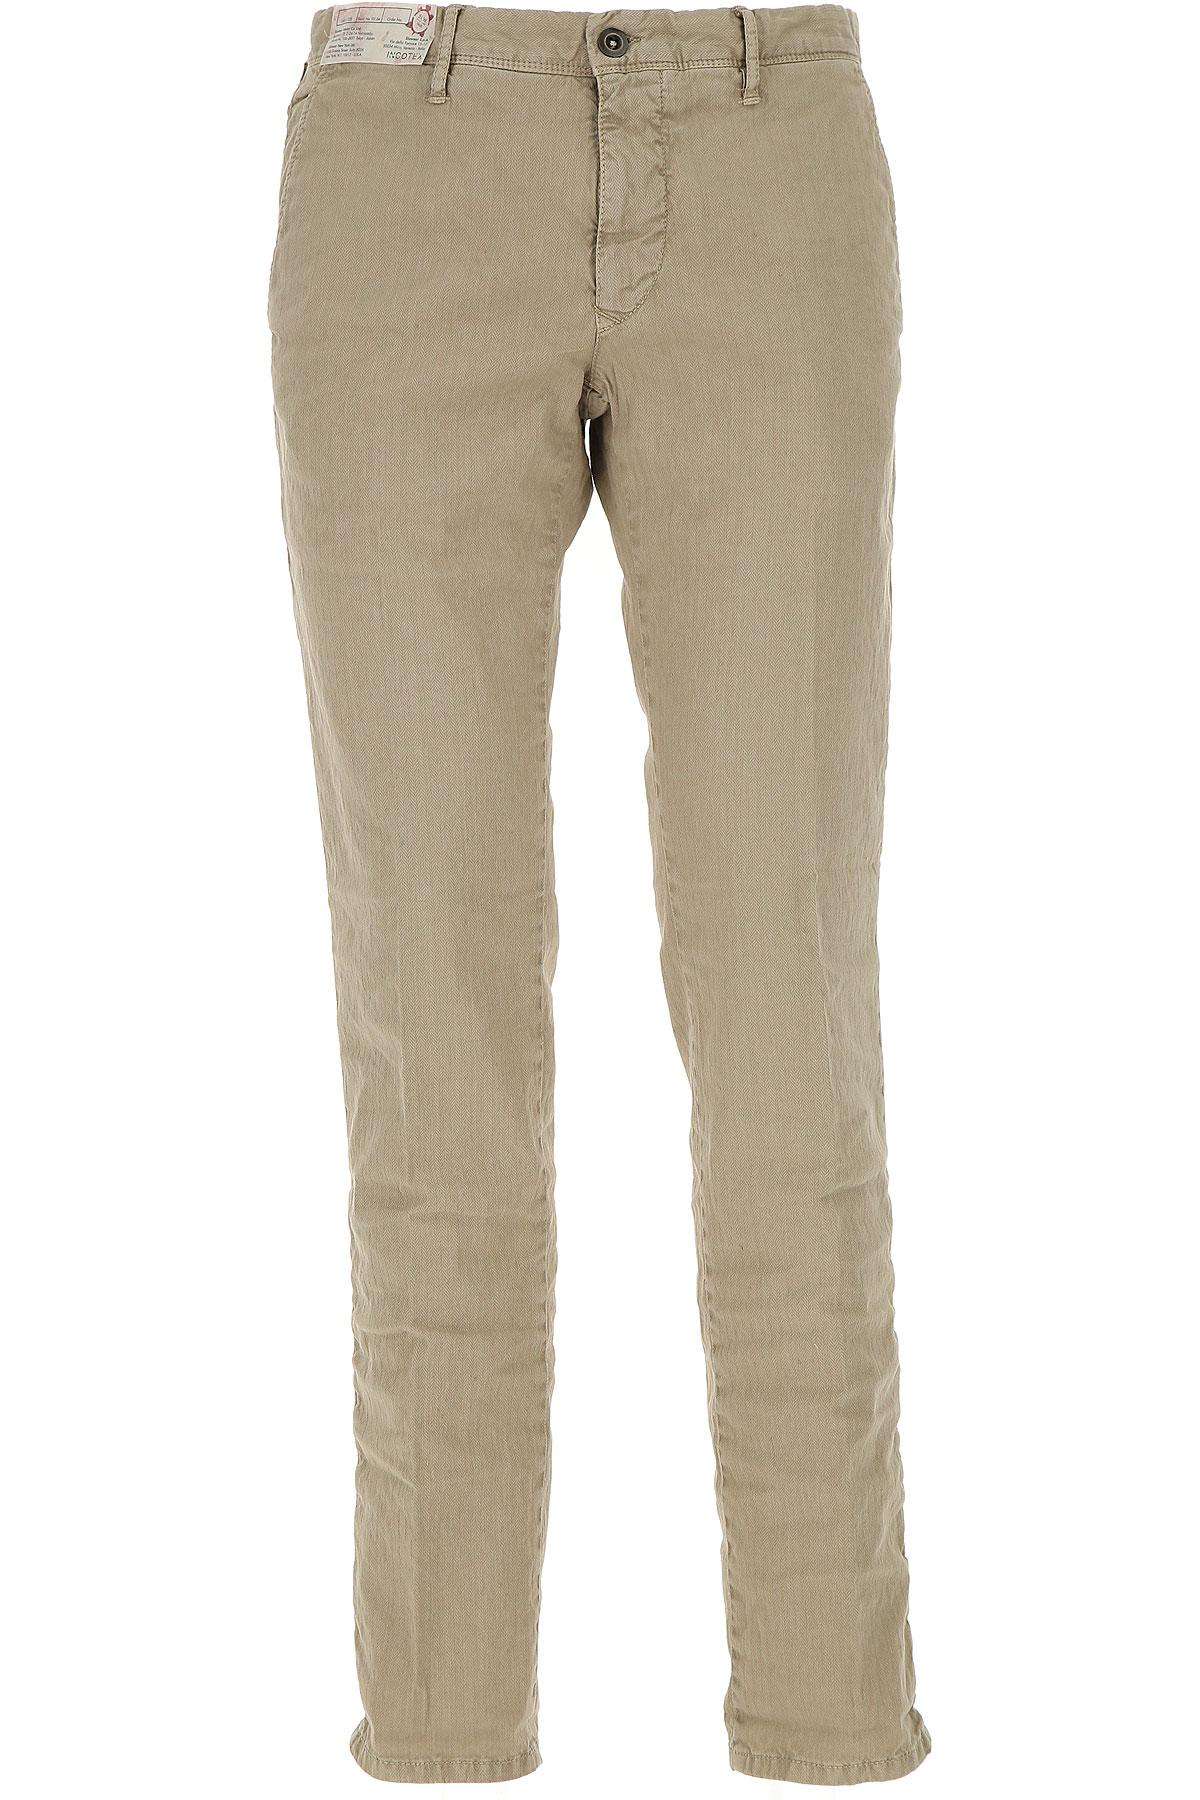 インコテックス パンツ 男性用 メンズ セール, ベージュ, コットン, 2017, 84 86.5